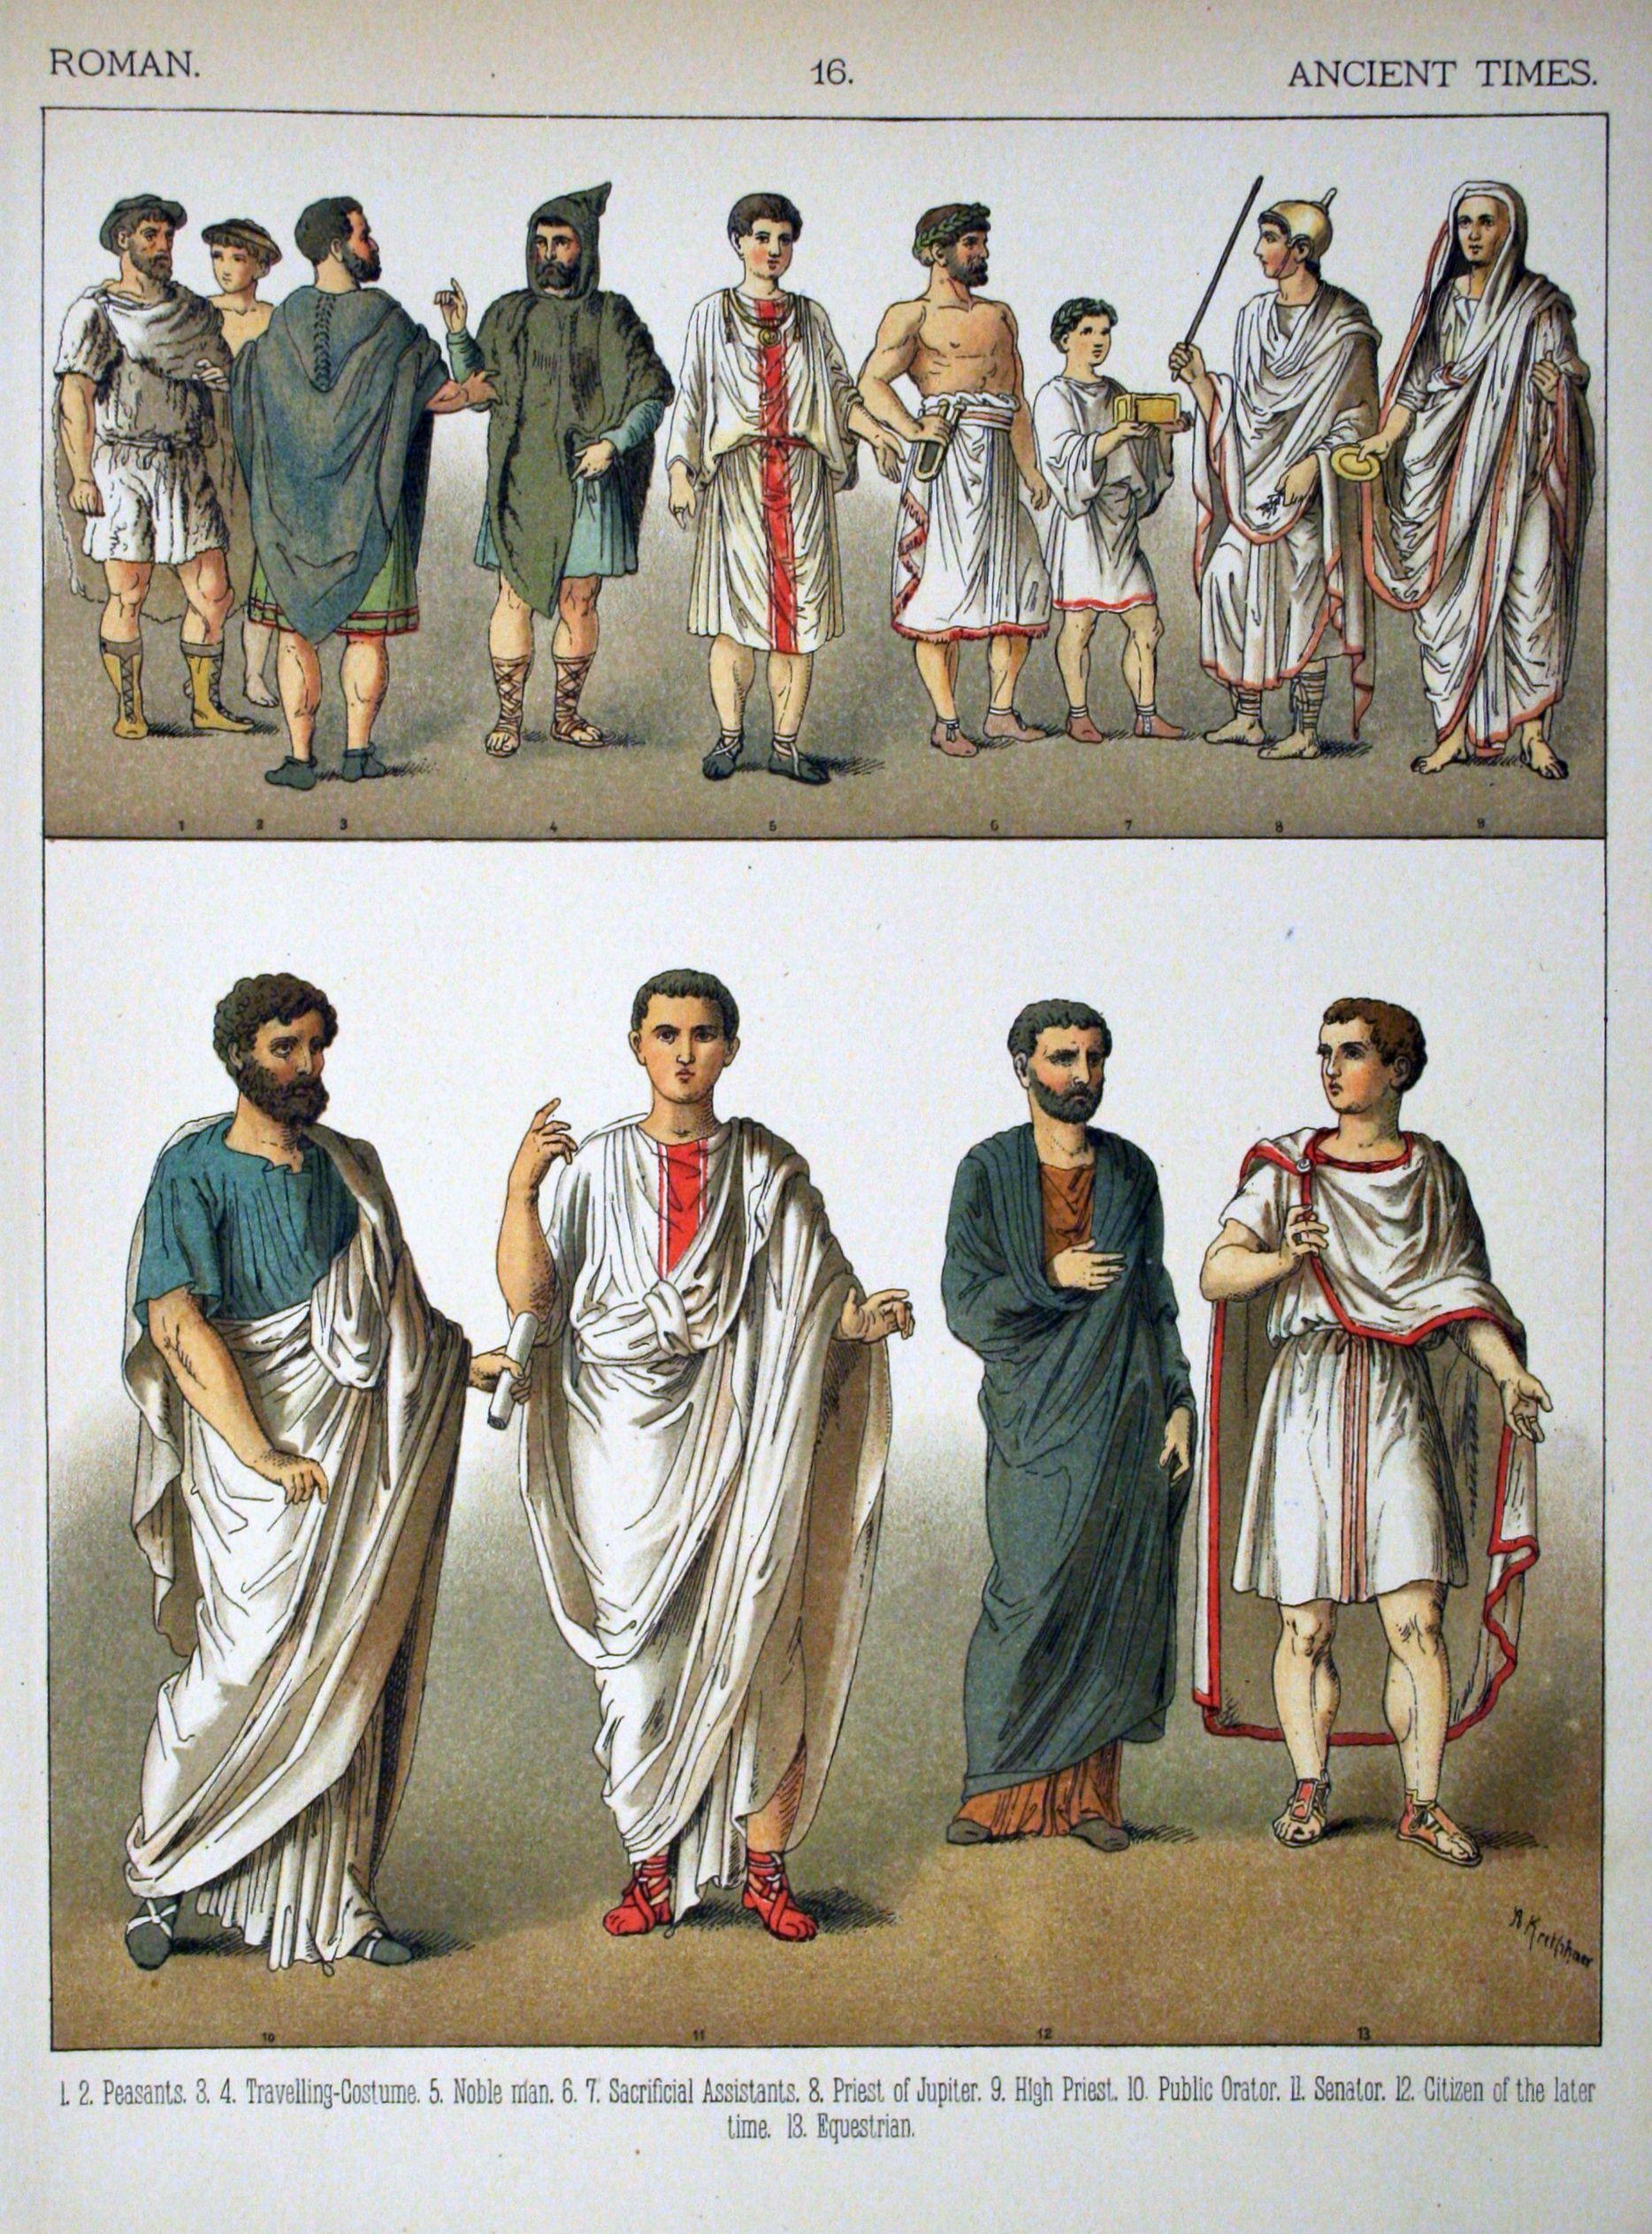 Ancient greek costumes rome antique pinterest rome antique rome et romans - Deguisement grece antique ...